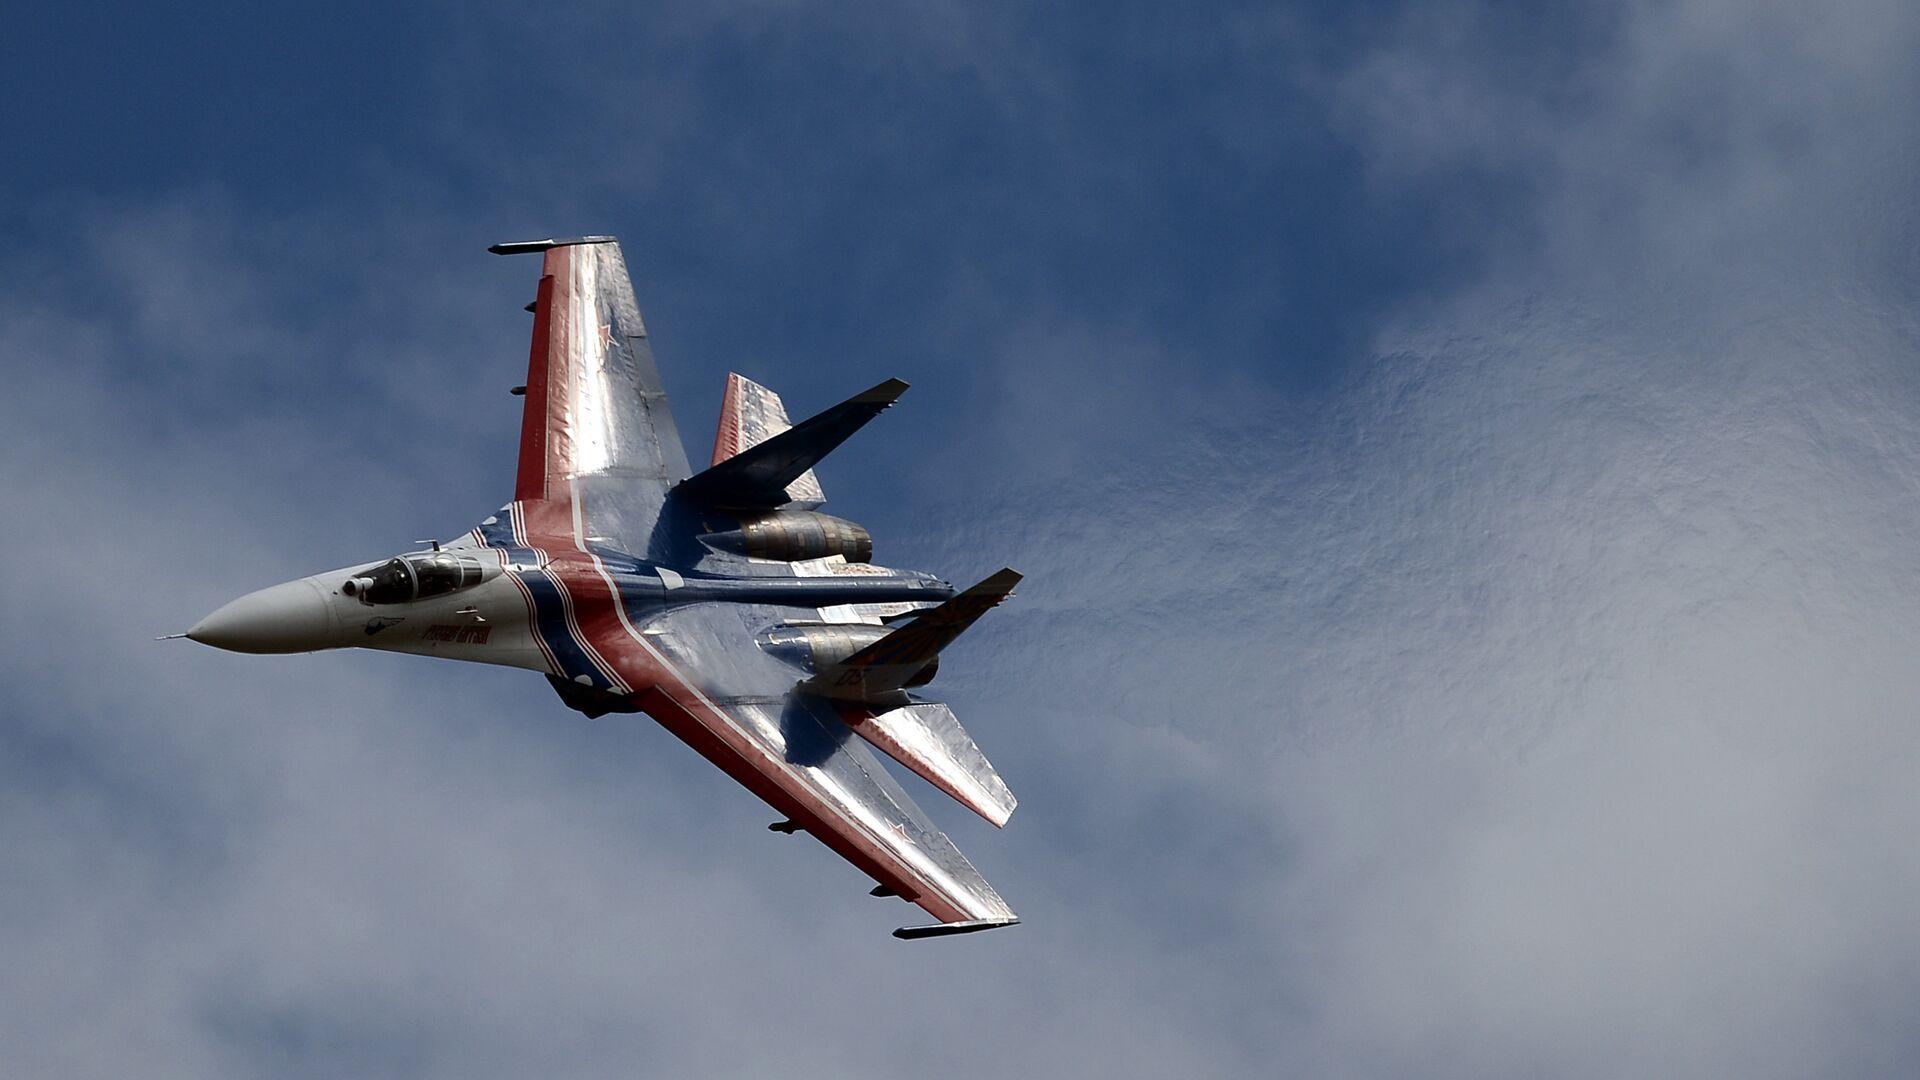 Многоцелевой истребитель Су-27 пилотажной группы Русские Витязи принимает участие в авиационном шоу на аэродроме в Кубинке на Международном военно-техническом форуме АРМИЯ-2016 - РИА Новости, 1920, 30.03.2021